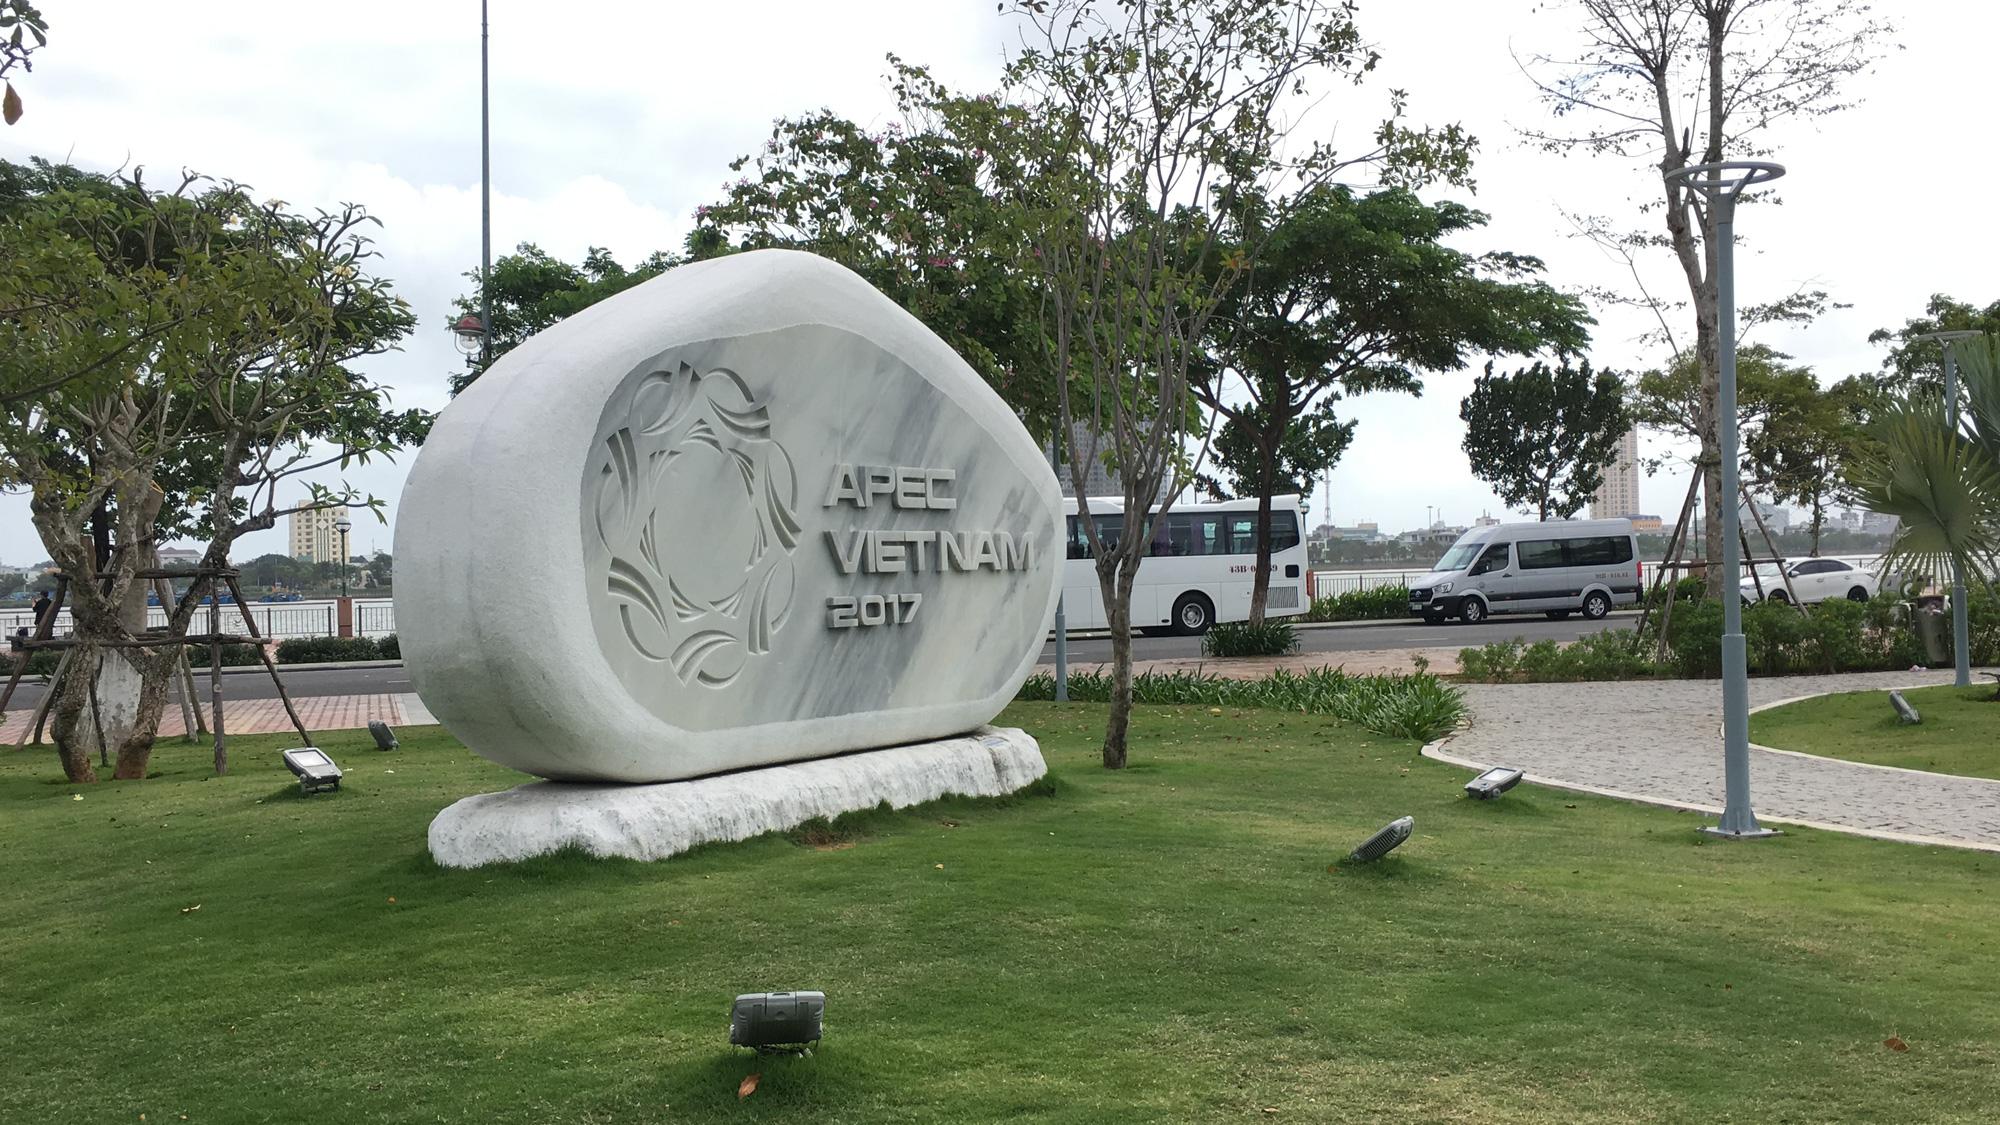 Cận cảnh 'đất vàng' Đà Nẵng làm công viên sách, mở rộng công viên APEC - Ảnh 7.